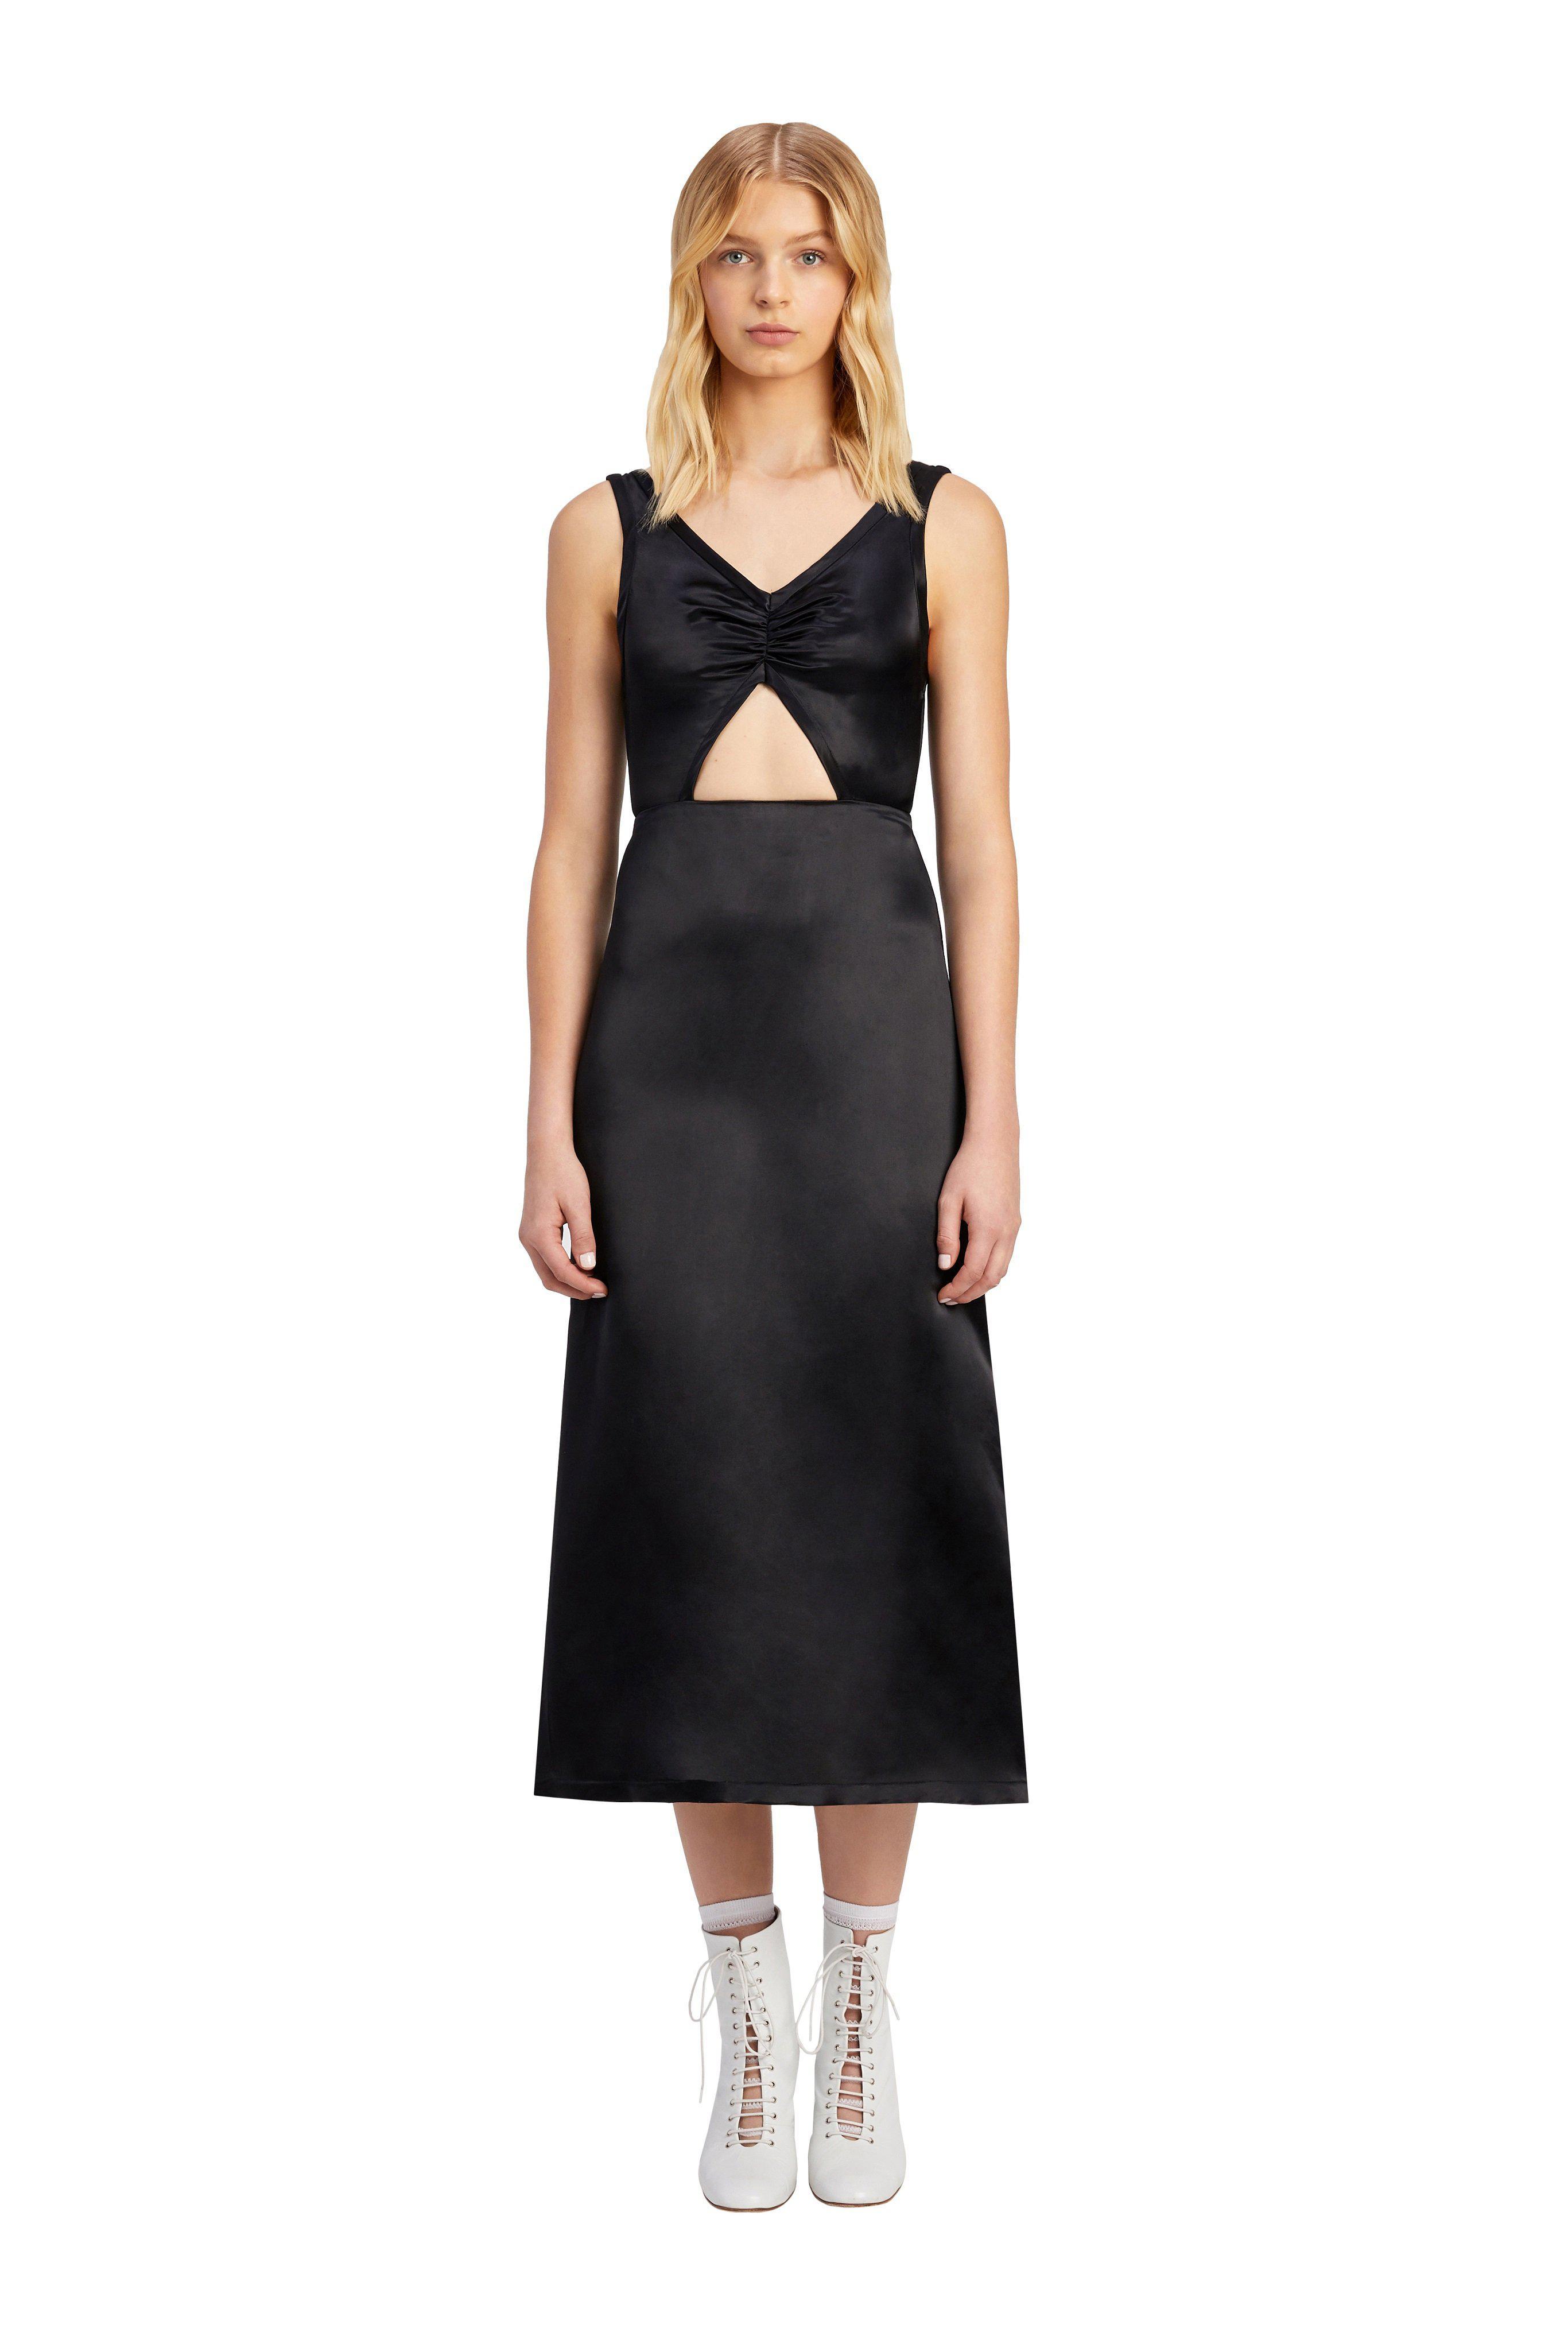 0d25ccce237 Lyst - Jill Stuart Jordy Dress in Black